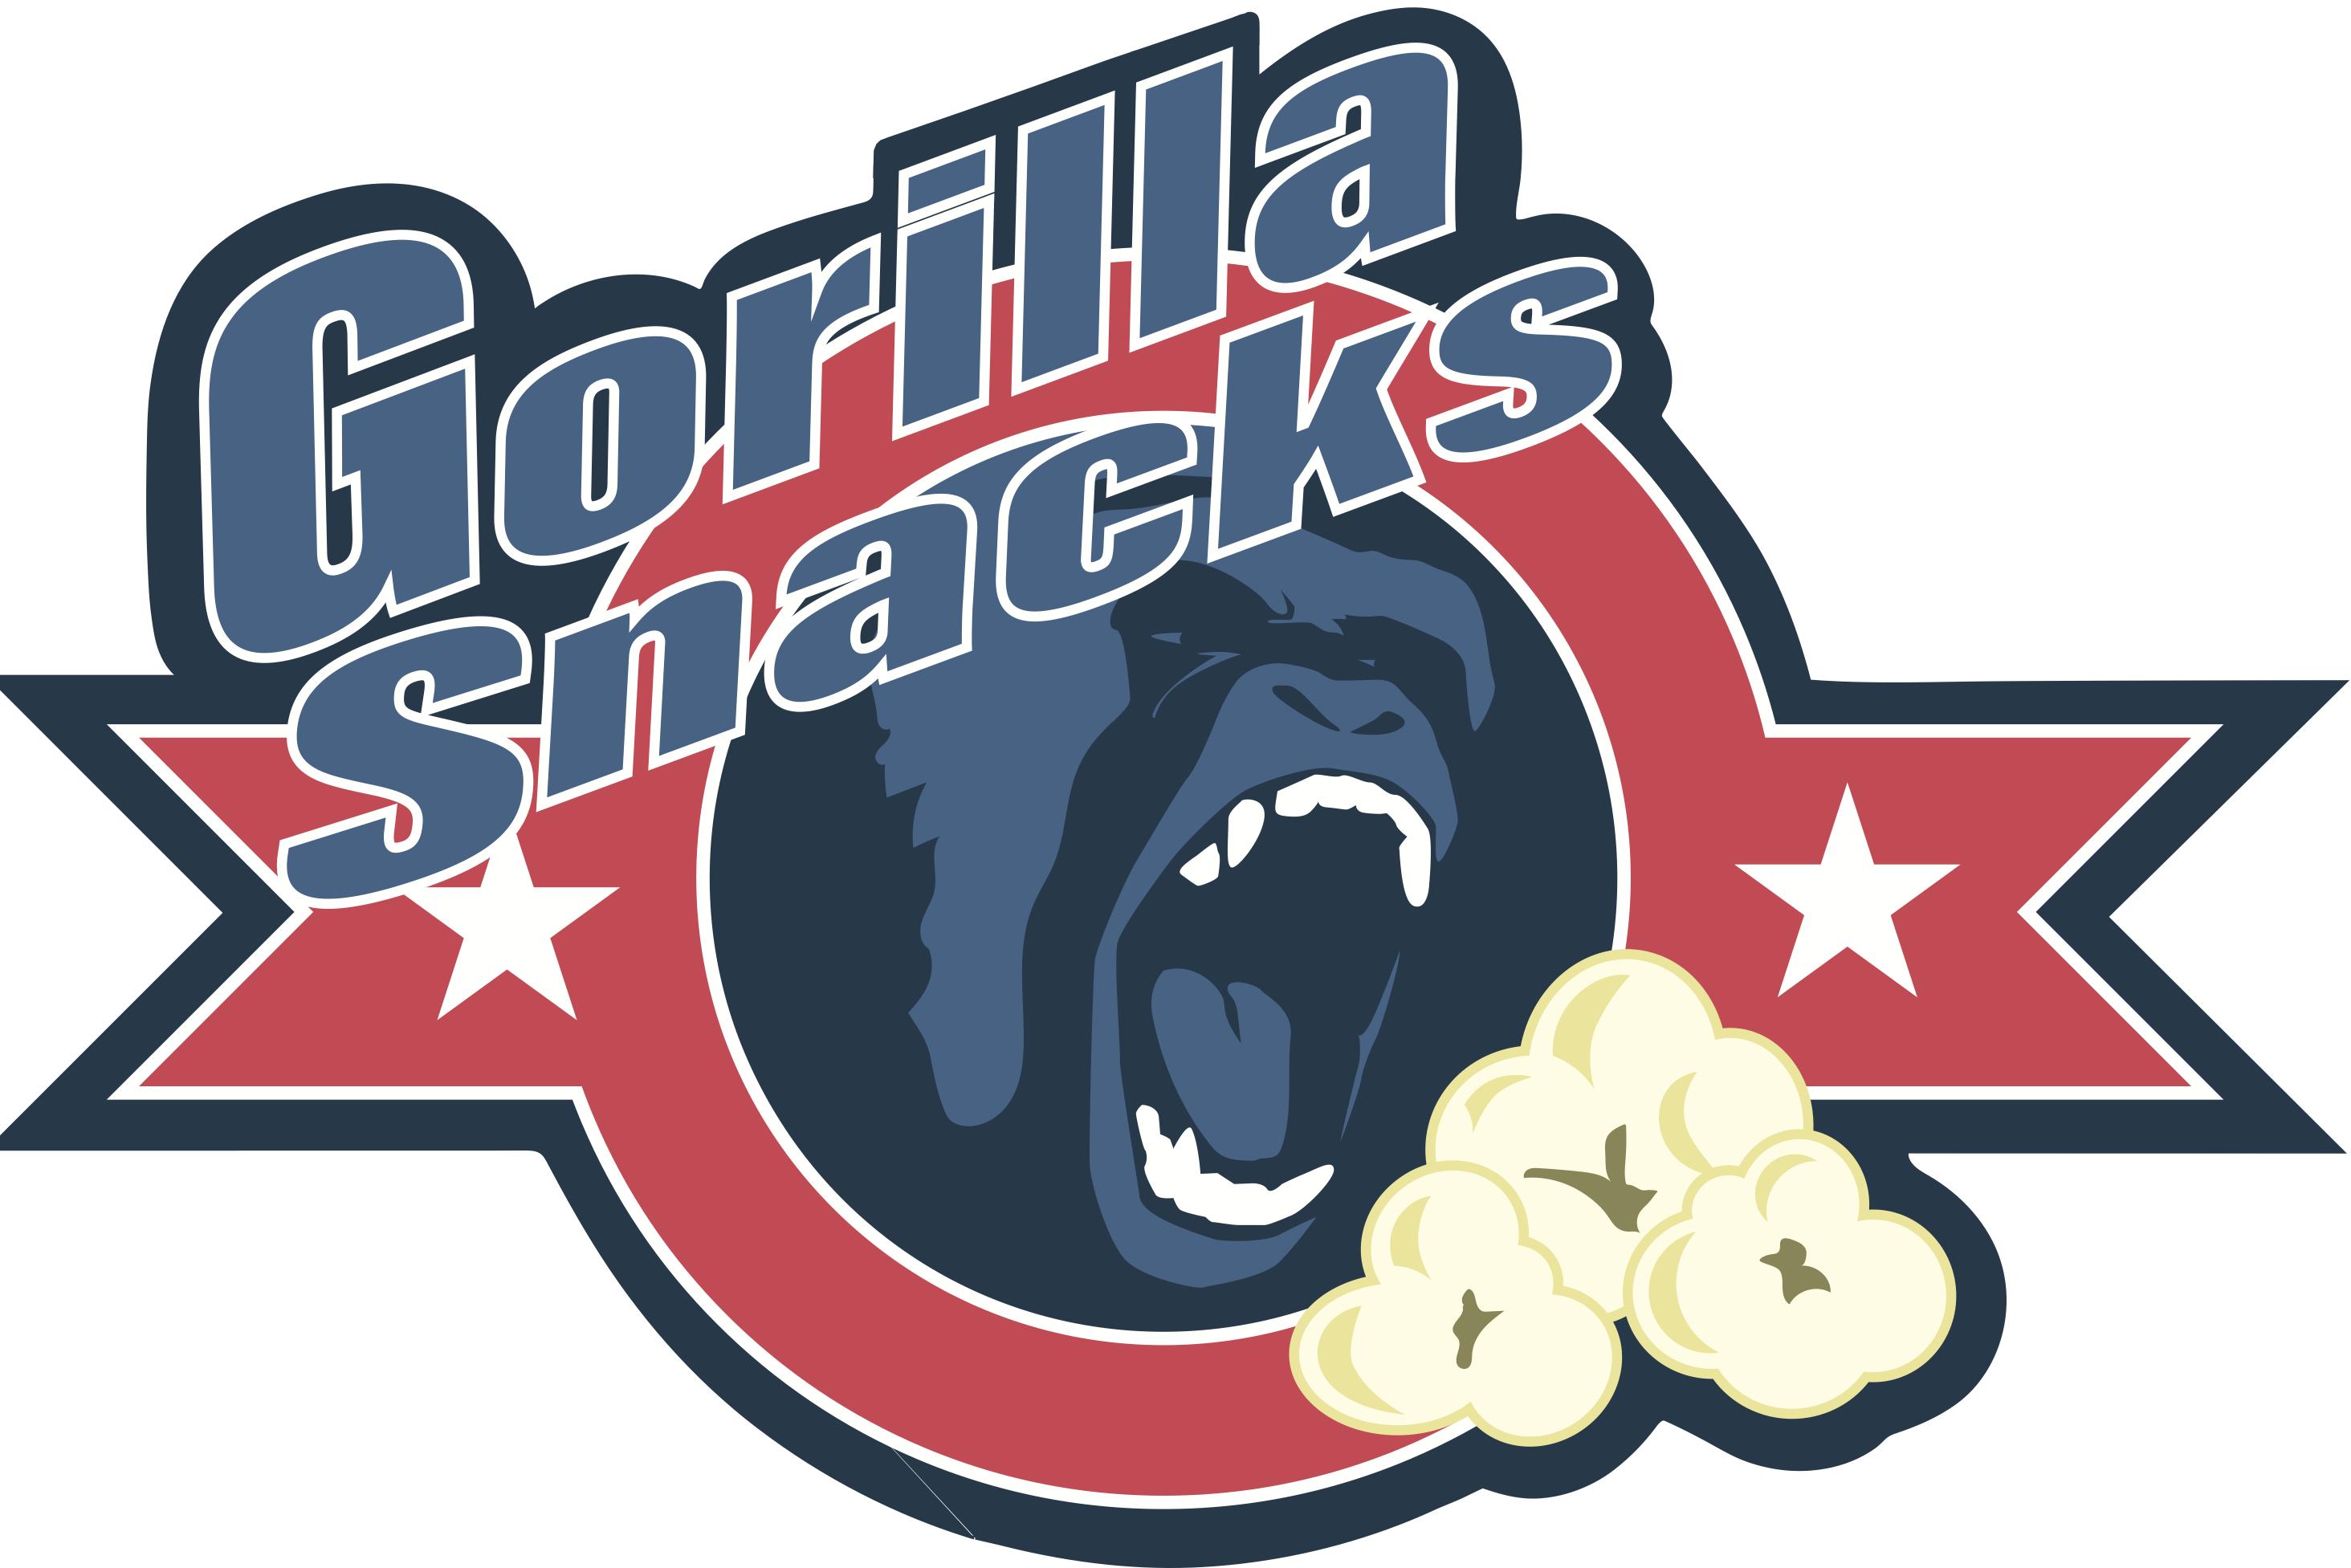 Gorilla Snacks